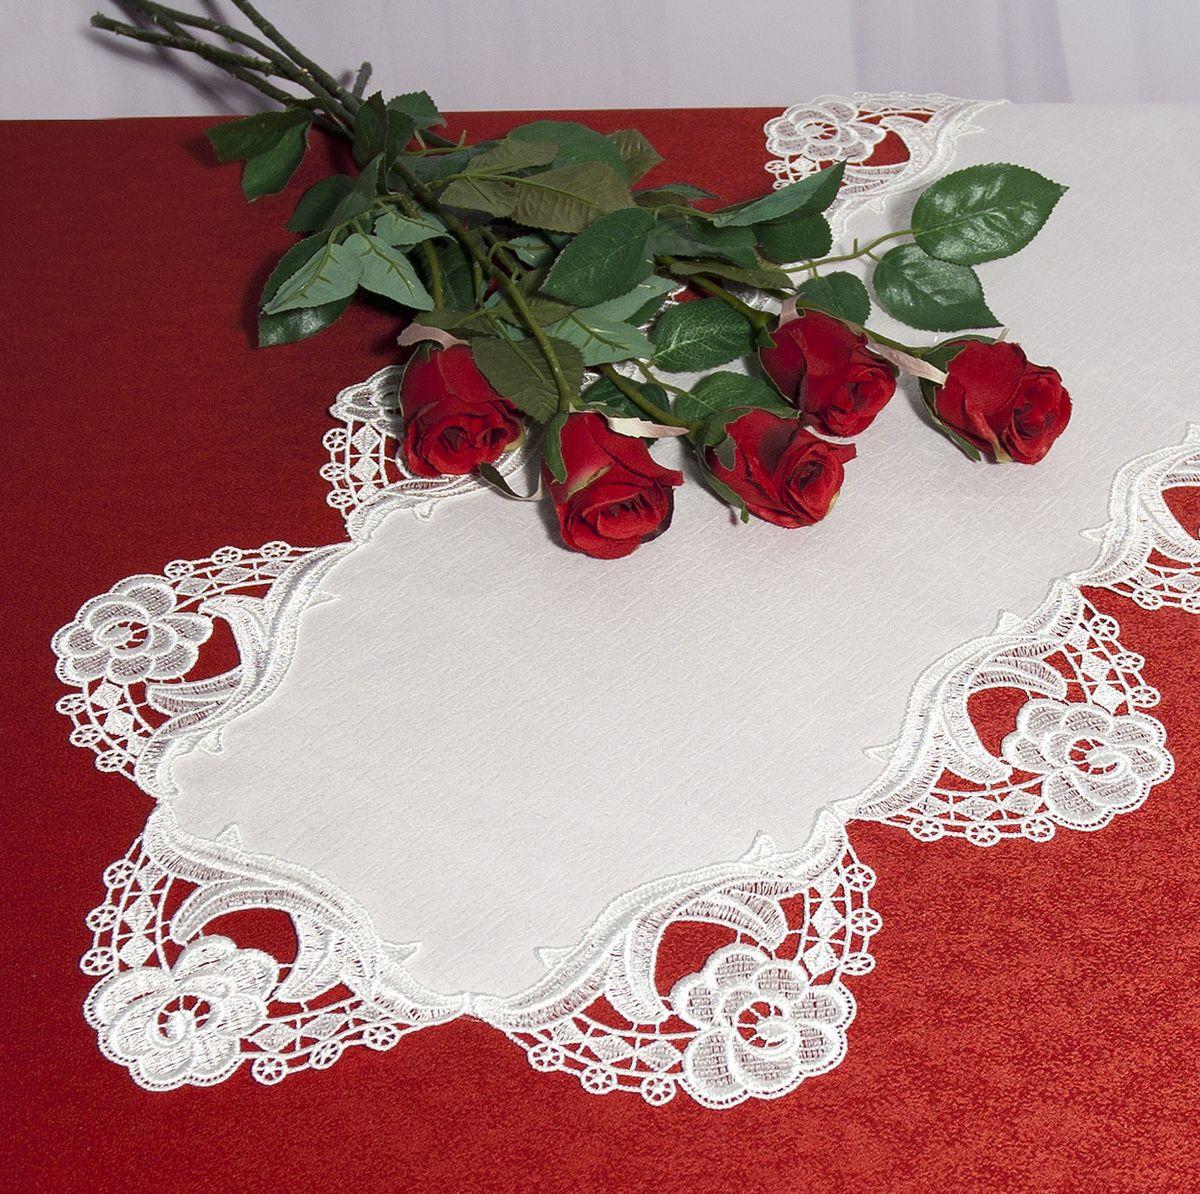 Дорожка для декорирования стола Schaefer, 40 x 90 см, цвет: белый. 30133013Дорожка для декорирования стола Schaefer может быть использована, как основной элемент, так и дополнение для создания уюта и романтического настроения.Дорожка выполнена из полиэстера. Изделие легко стирать: оно не мнется, не садится и быстро сохнет, более долговечно, чем изделие из натуральных волокон.Материал: 100% полиэстер.Размер: 40 x 90 см